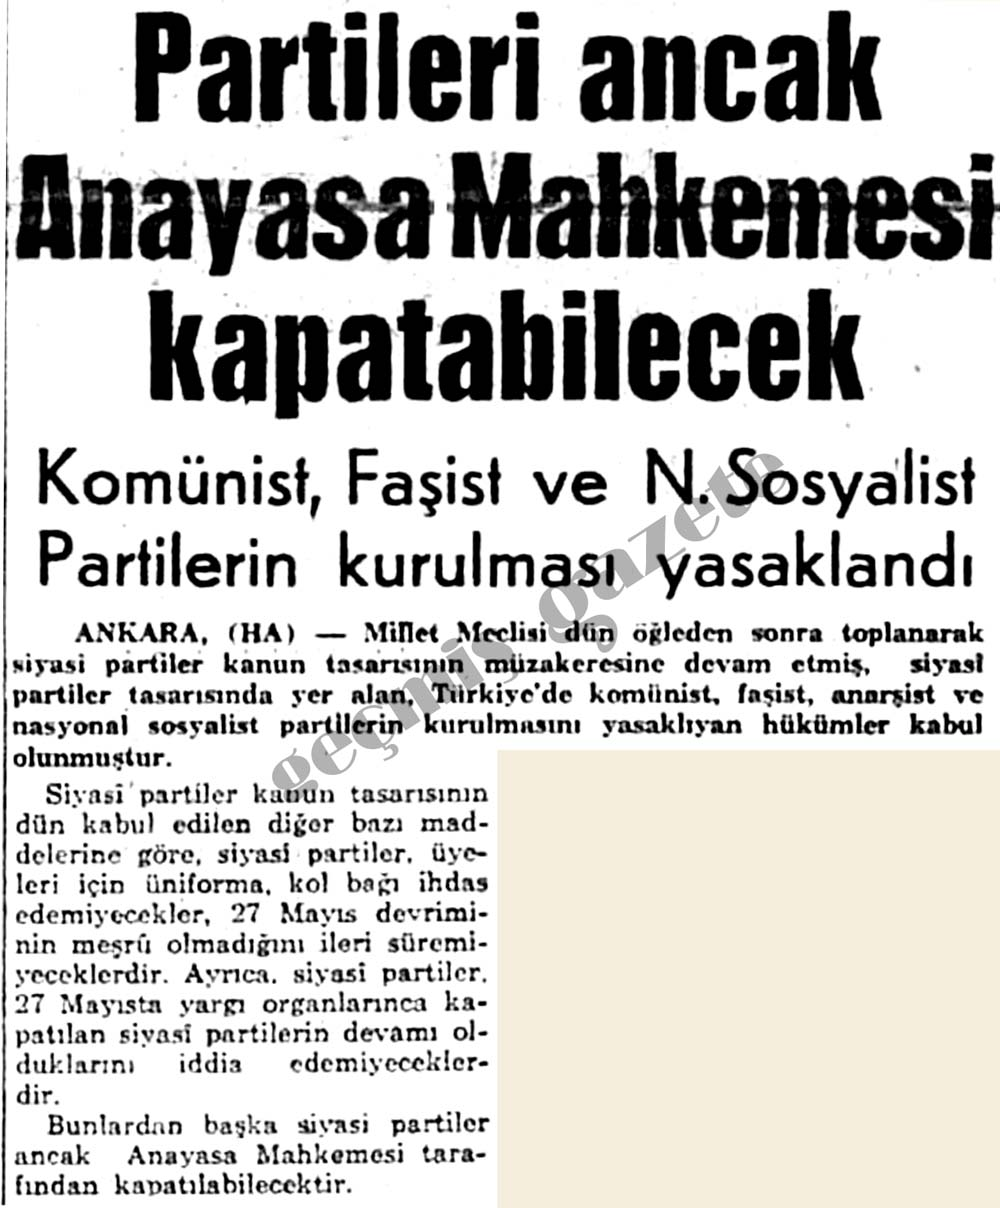 Komünist, Faşist ve N. Sosyalist Partilerin kurulması yasaklandı